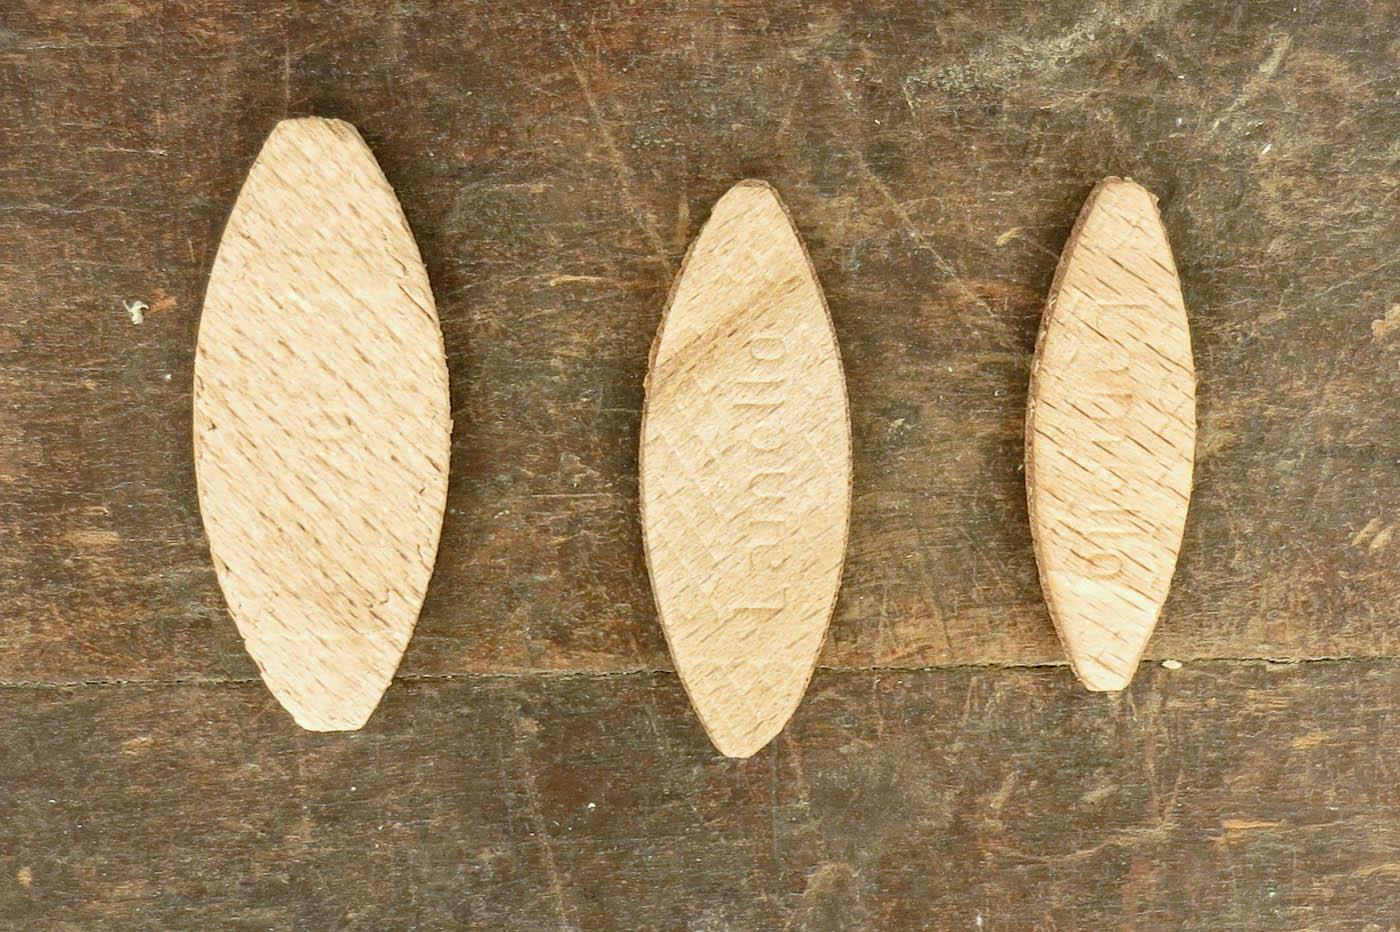 makita flachdübelfräse pj7000 im test | kellerherz